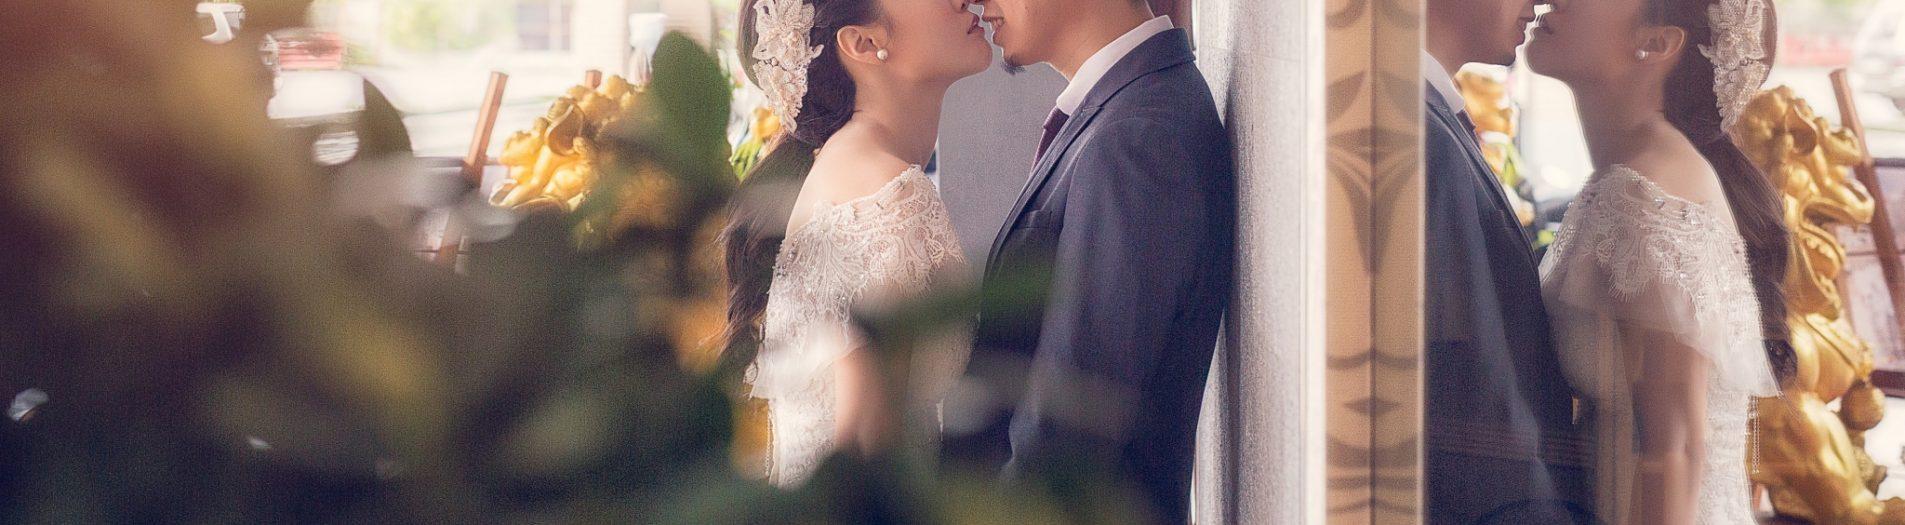 台北婚攝|婚禮紀錄  Marianne + Sonic  宜蘭渡小月